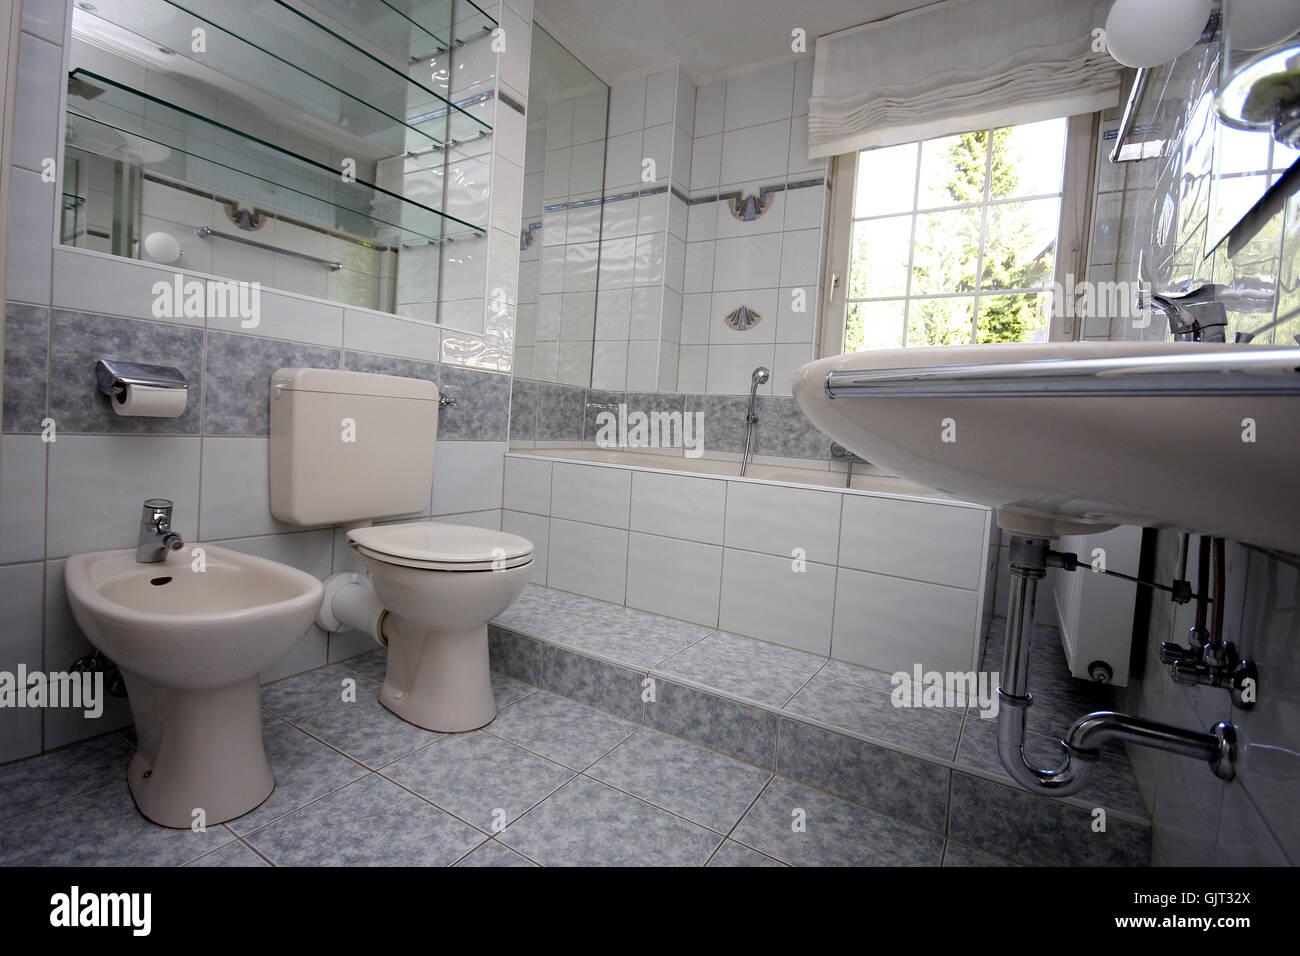 toilet wash basin bath tub Stock Photo